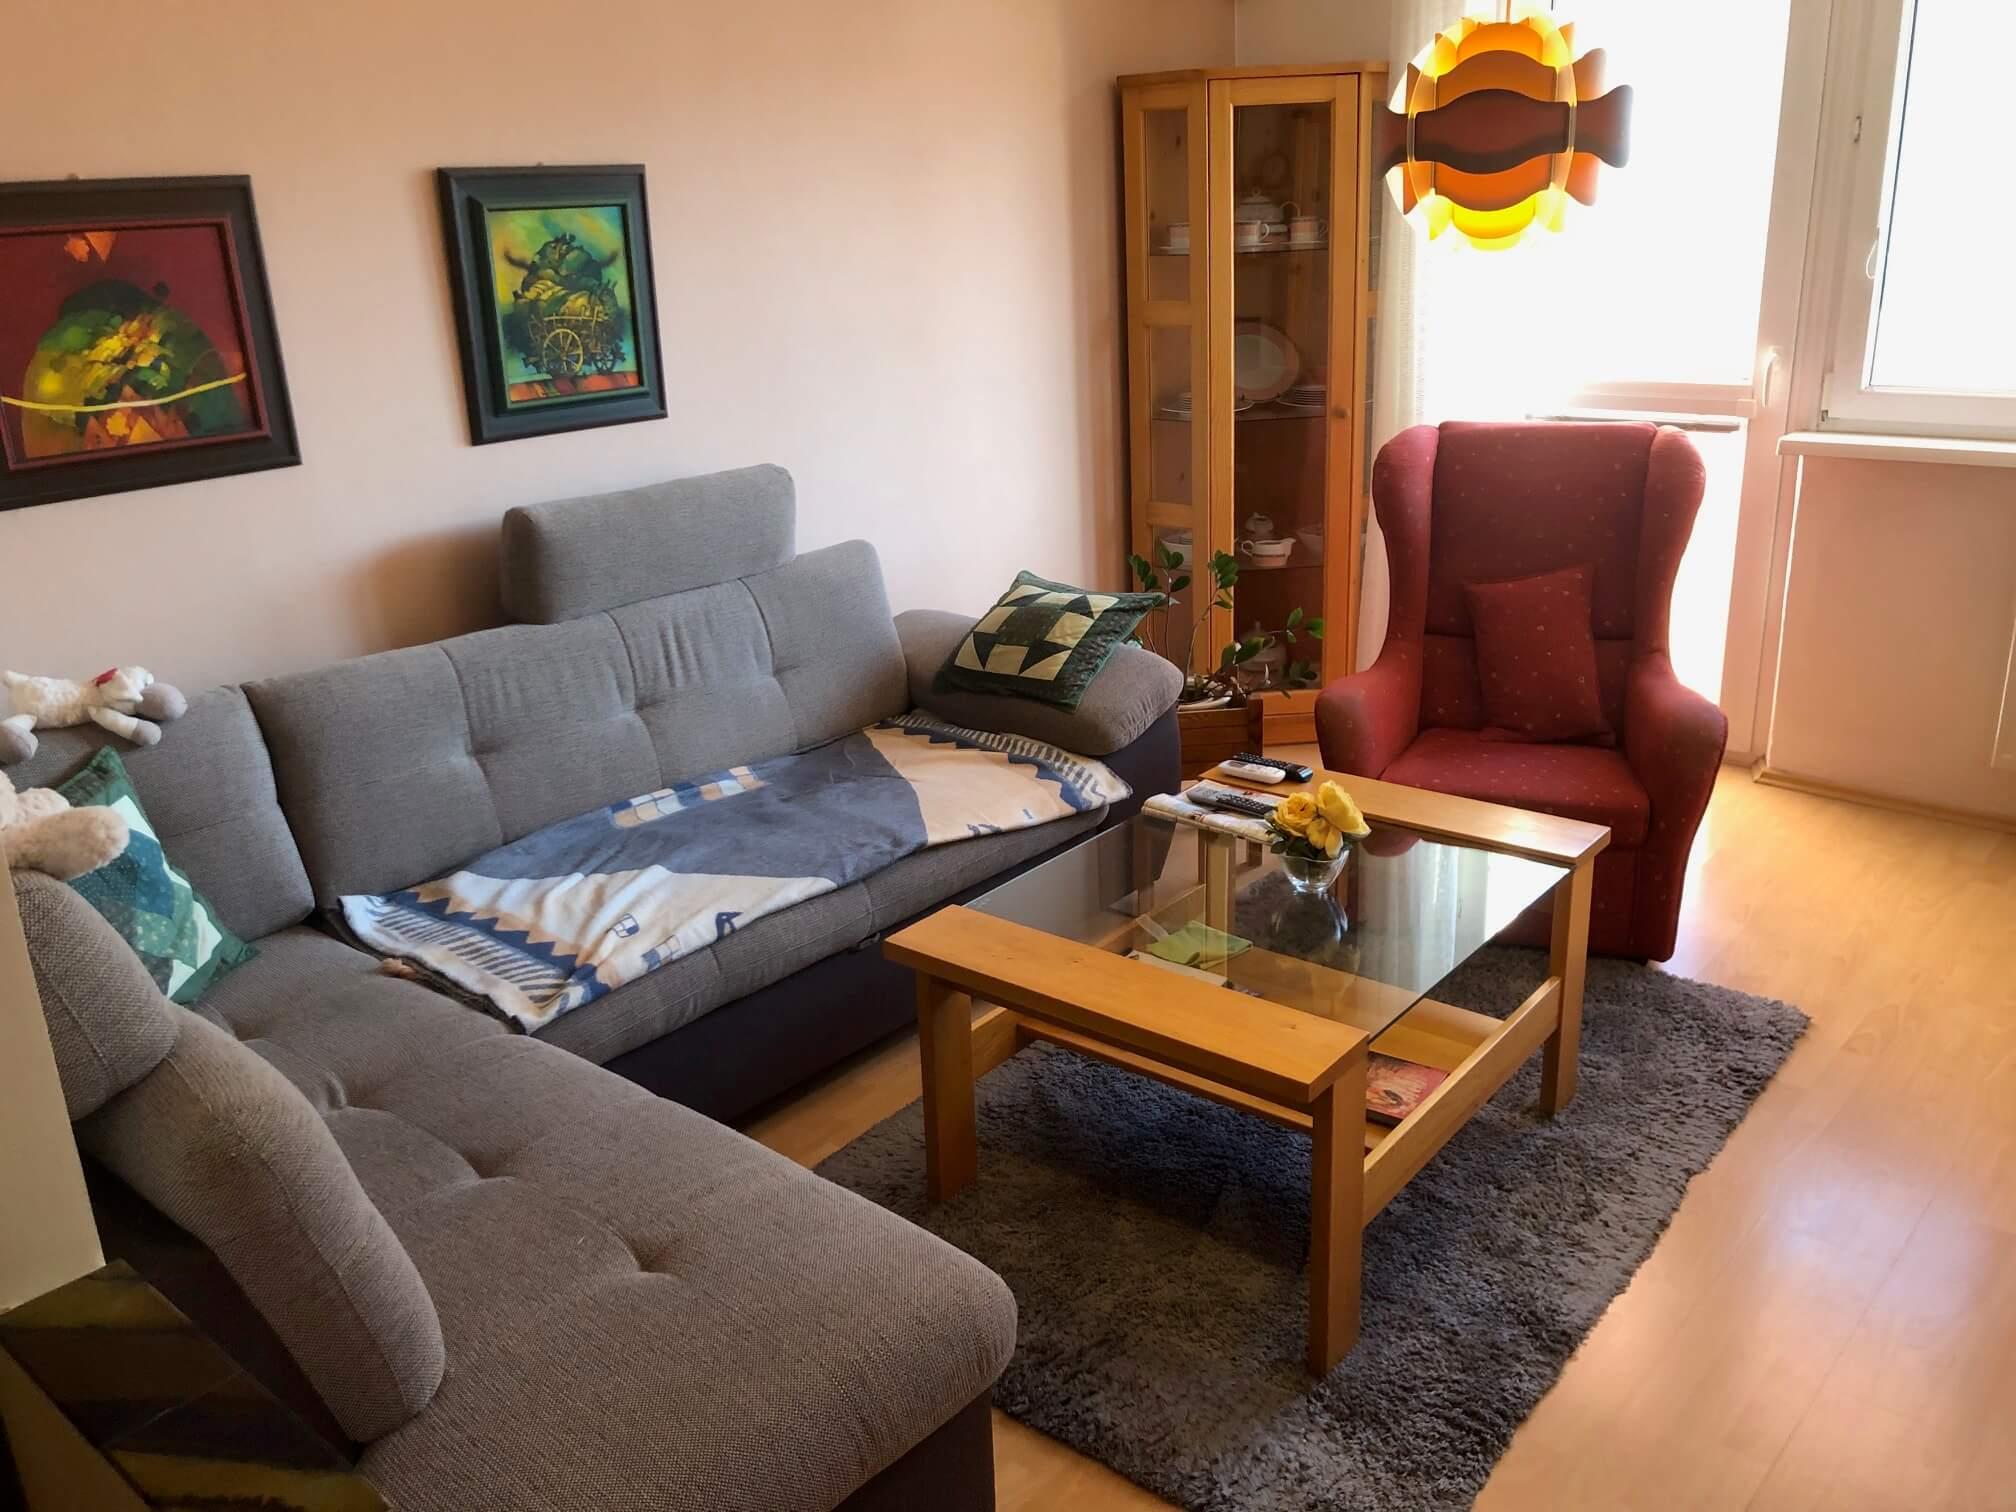 Exkluzívne na predaj 3 izbový byt, Devínska Nová Ves, Jána Poničana 3, 65m2, balkon 4m2,klimatizácia-52